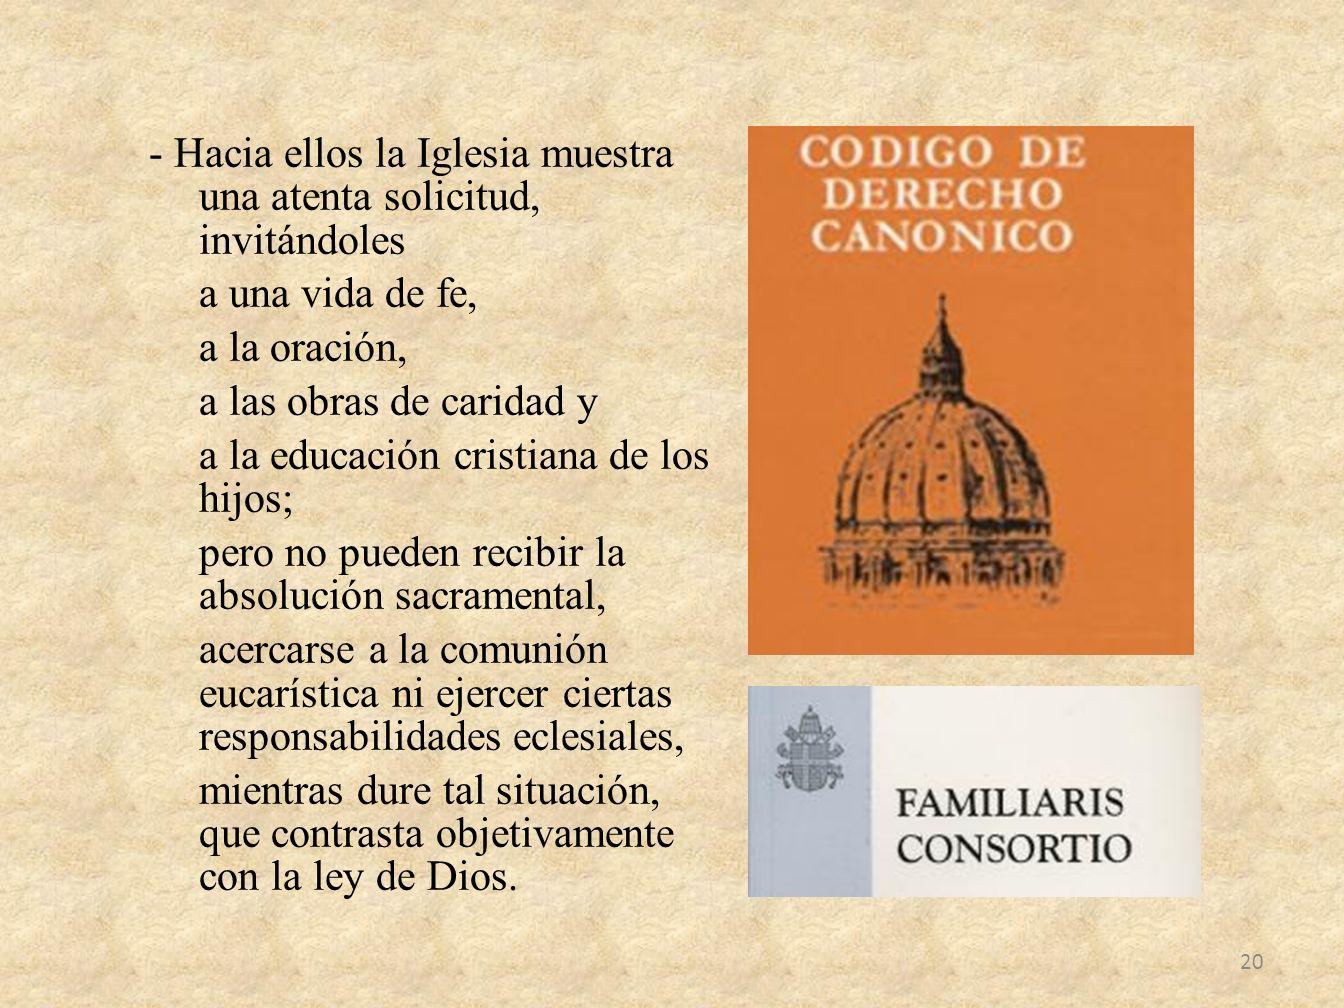 - Hacia ellos la Iglesia muestra una atenta solicitud, invitándoles a una vida de fe, a la oración, a las obras de caridad y a la educación cristiana